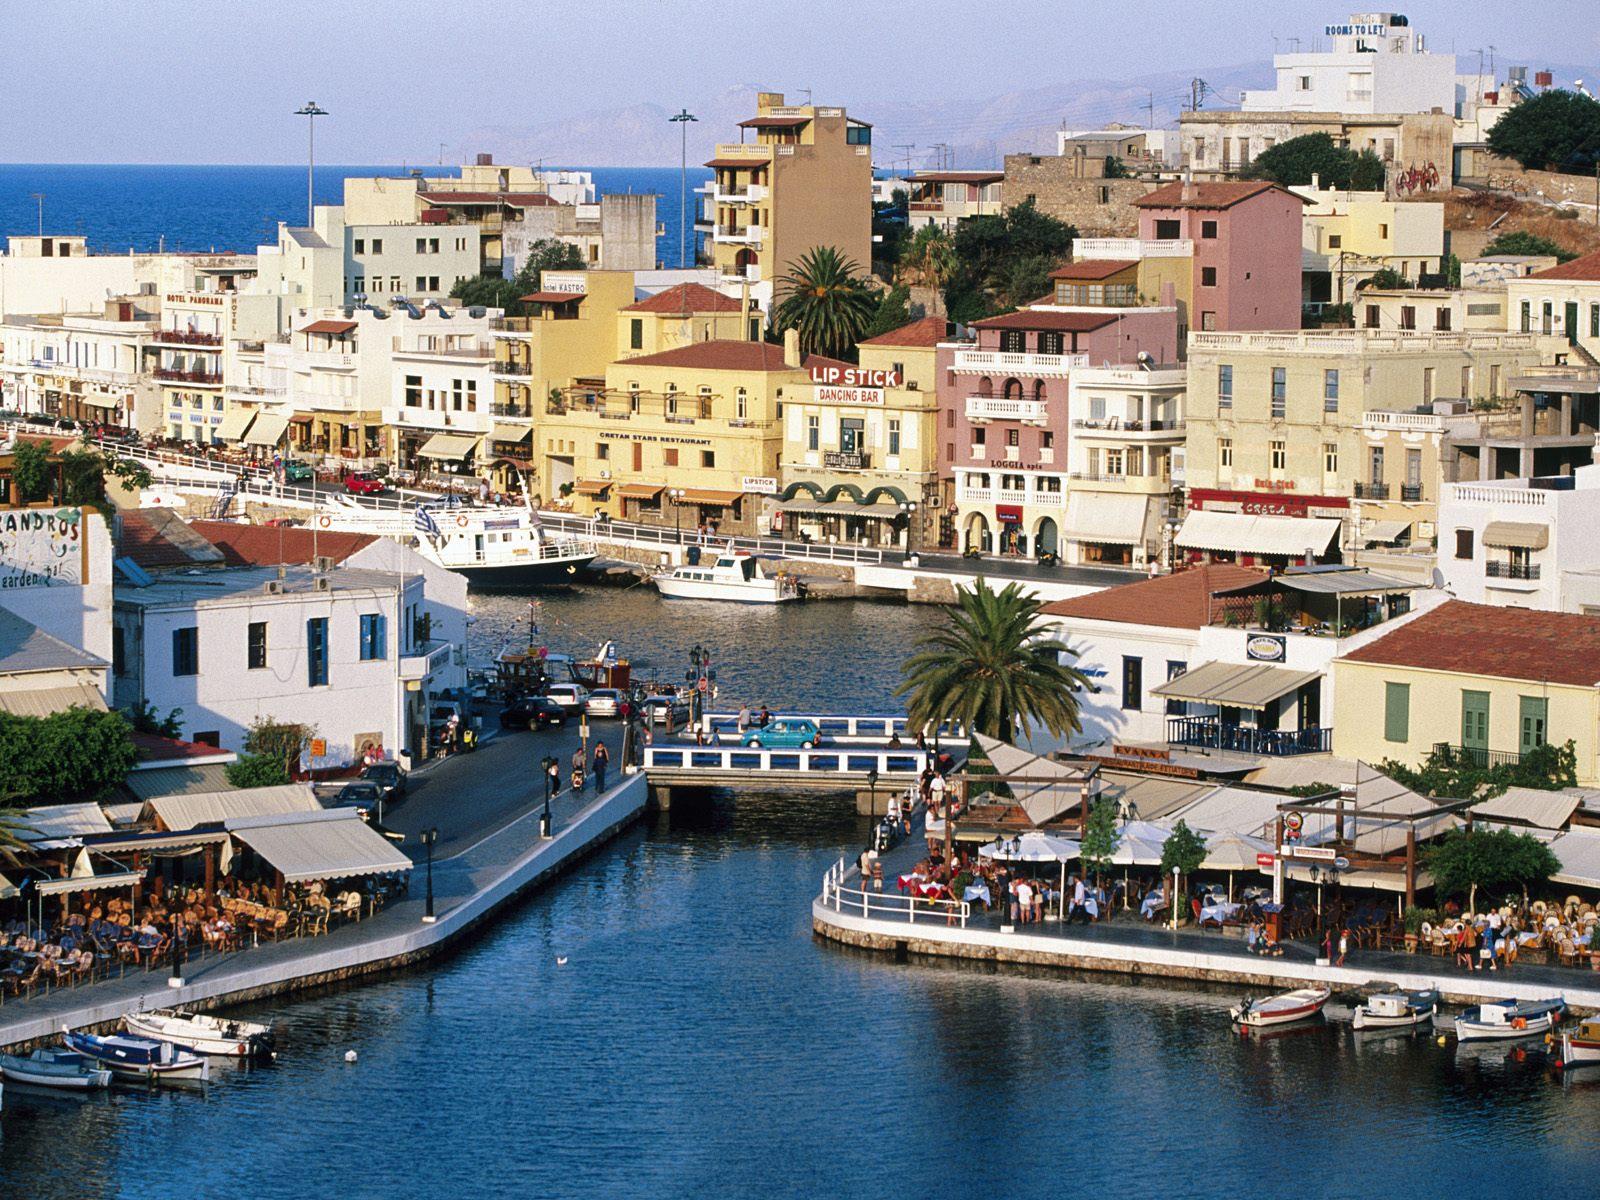 Vliegvakantie Kreta